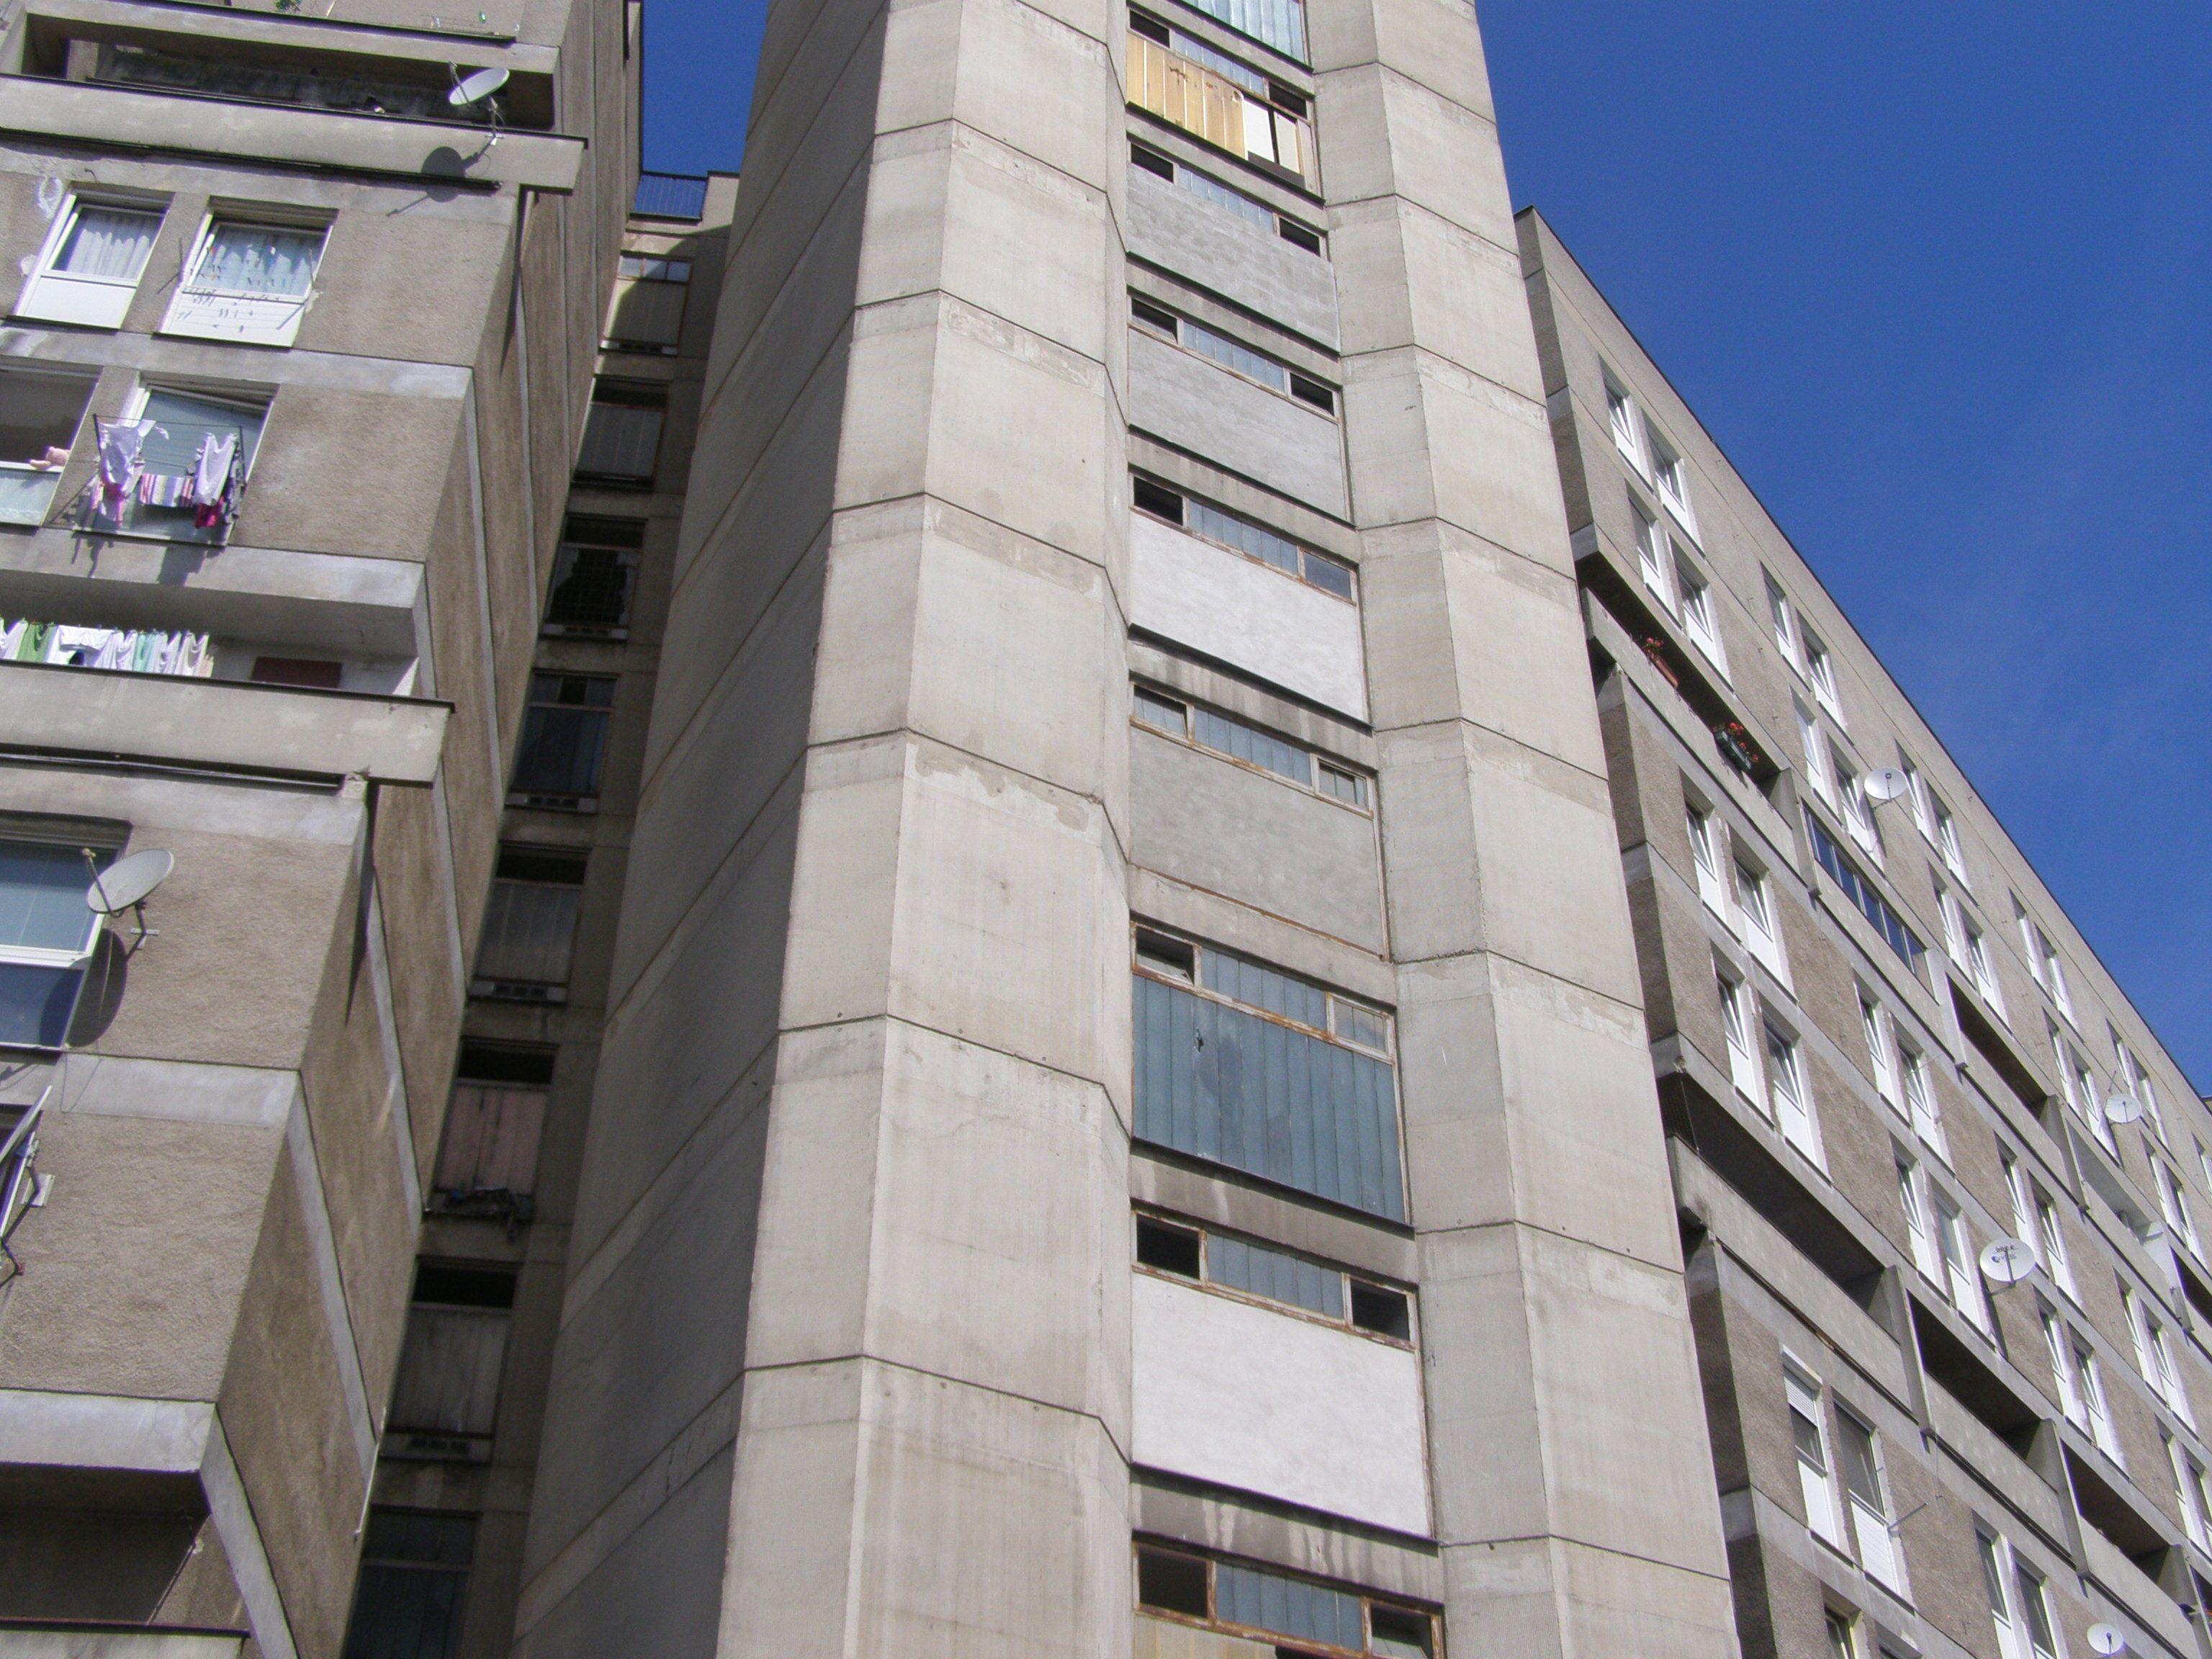 dvojgarzonka-v-bratislave-na-stavbarskej-ulici